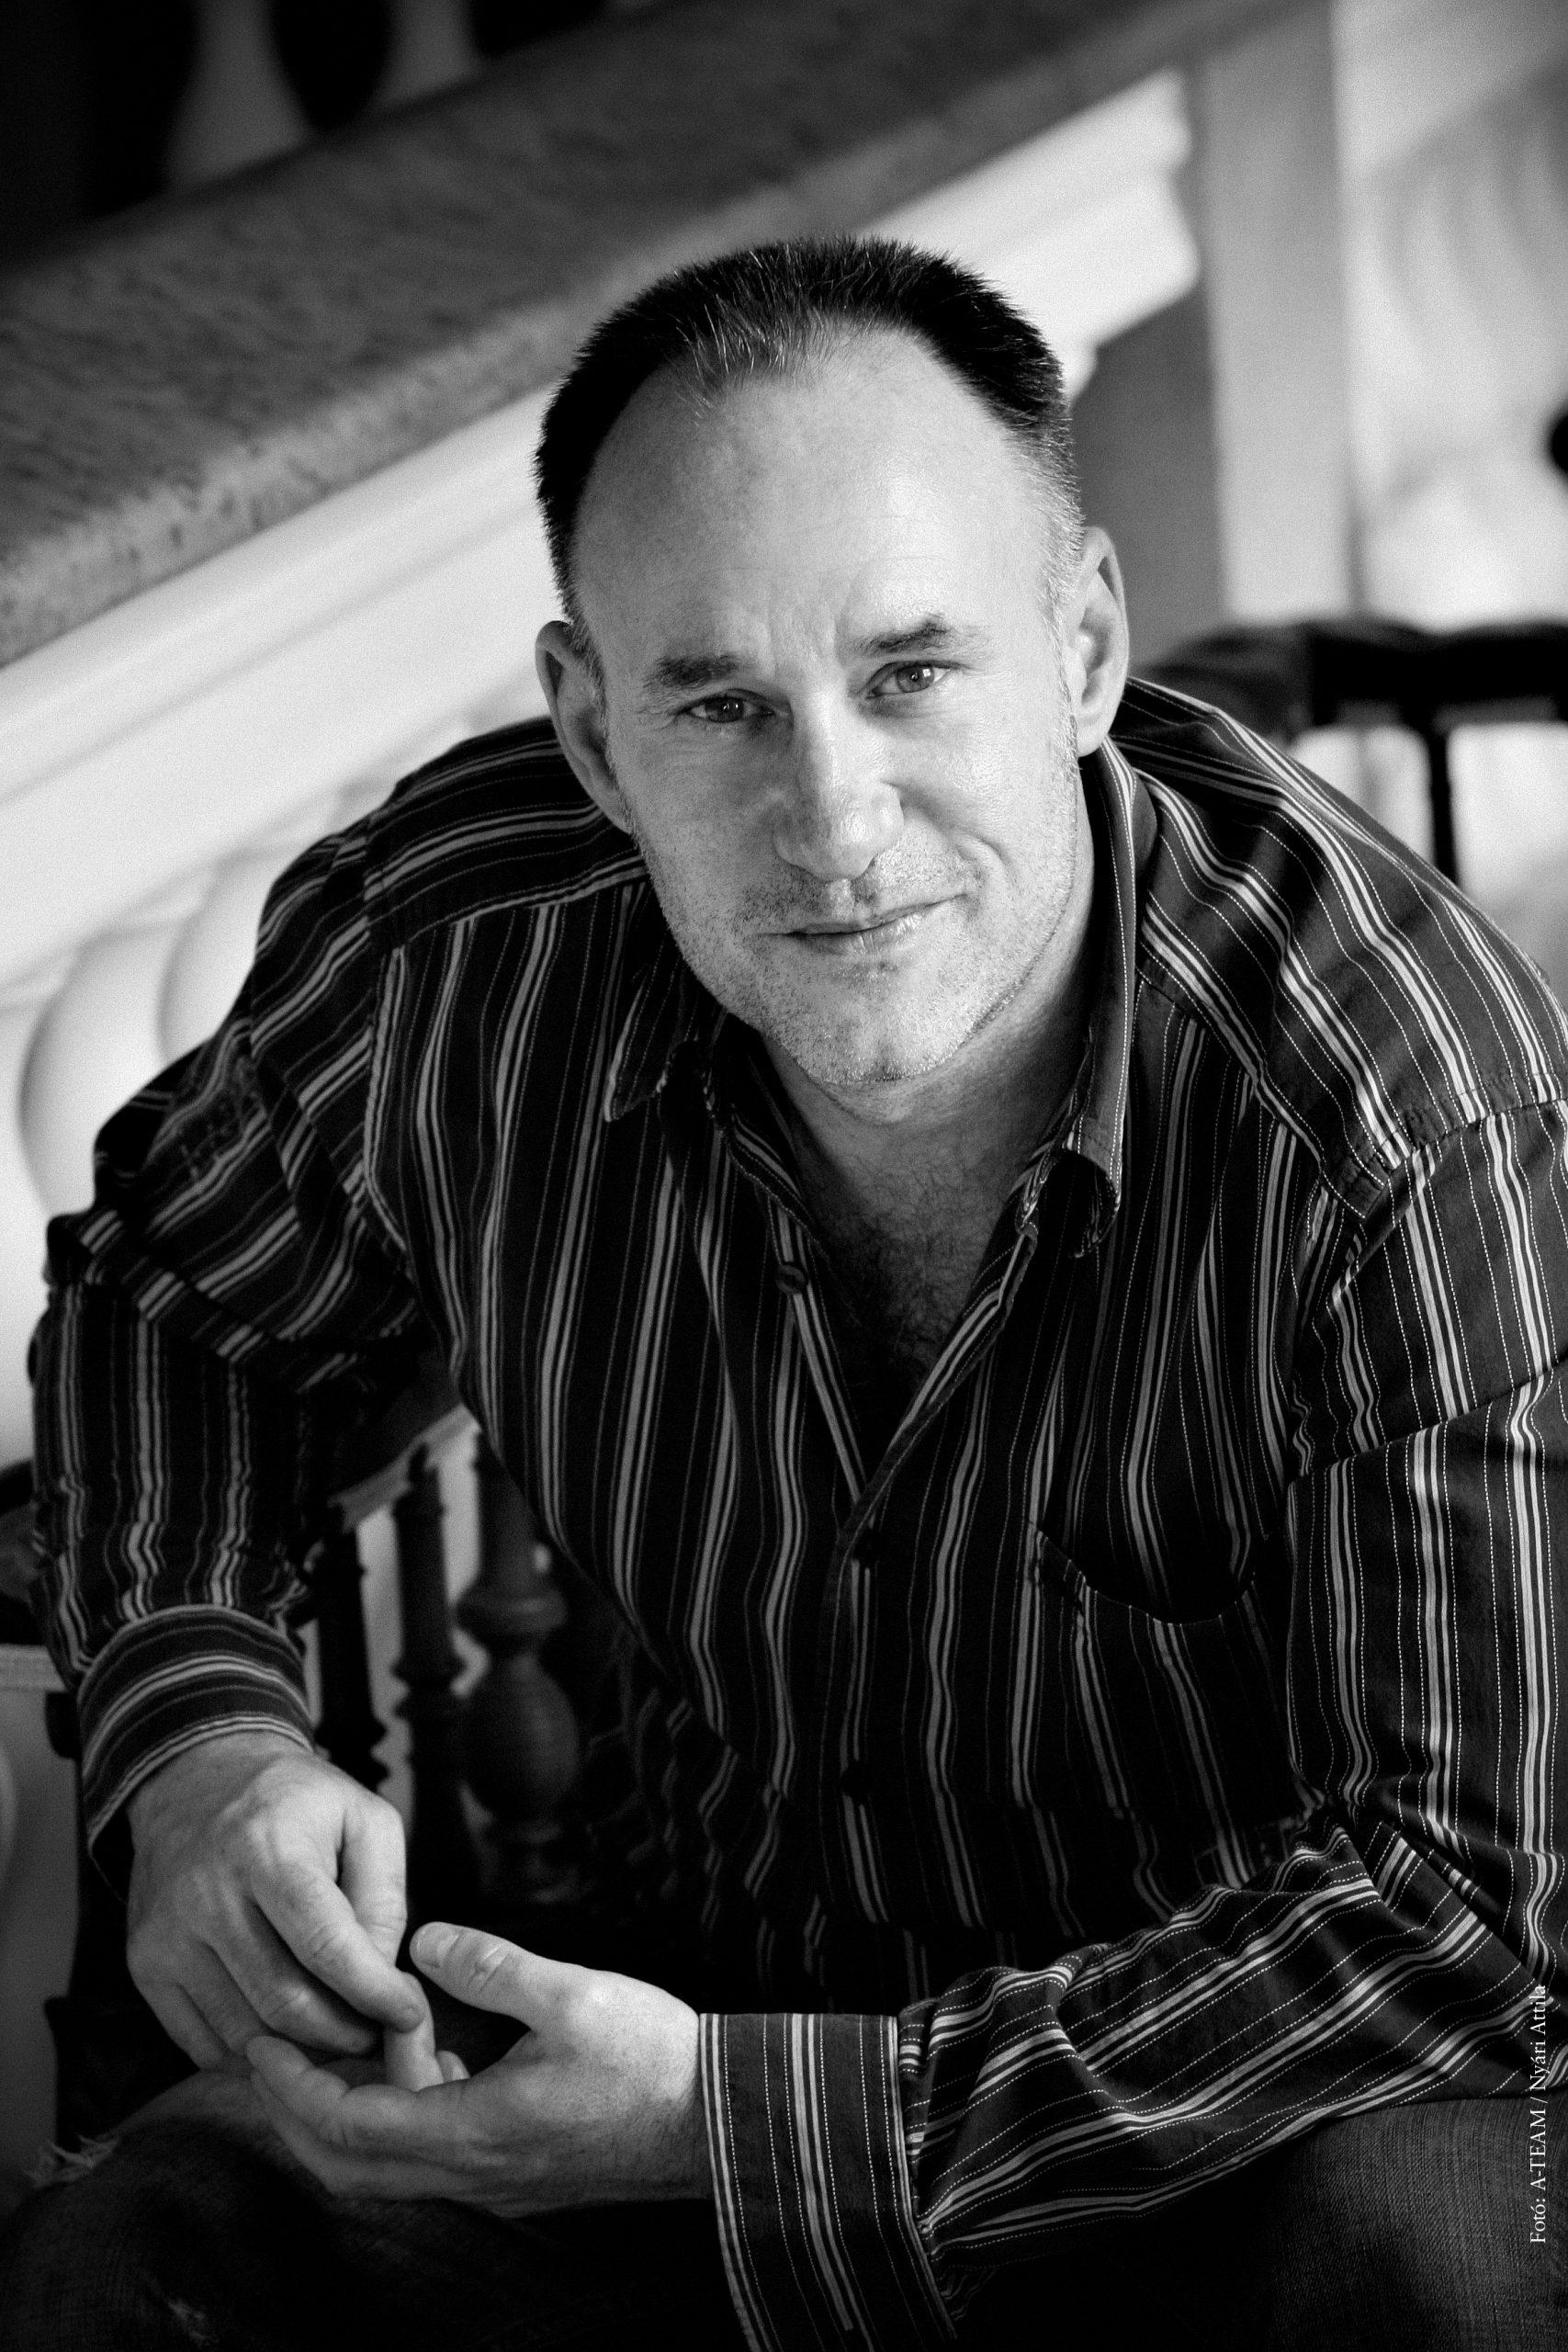 Szomor György színművész, énekes, dalszövegíró, zeneszerző, rendező lesz a szakmai zsűritagok egyike a Kötéltánc dalpályázat élő döntőjén november 26-án